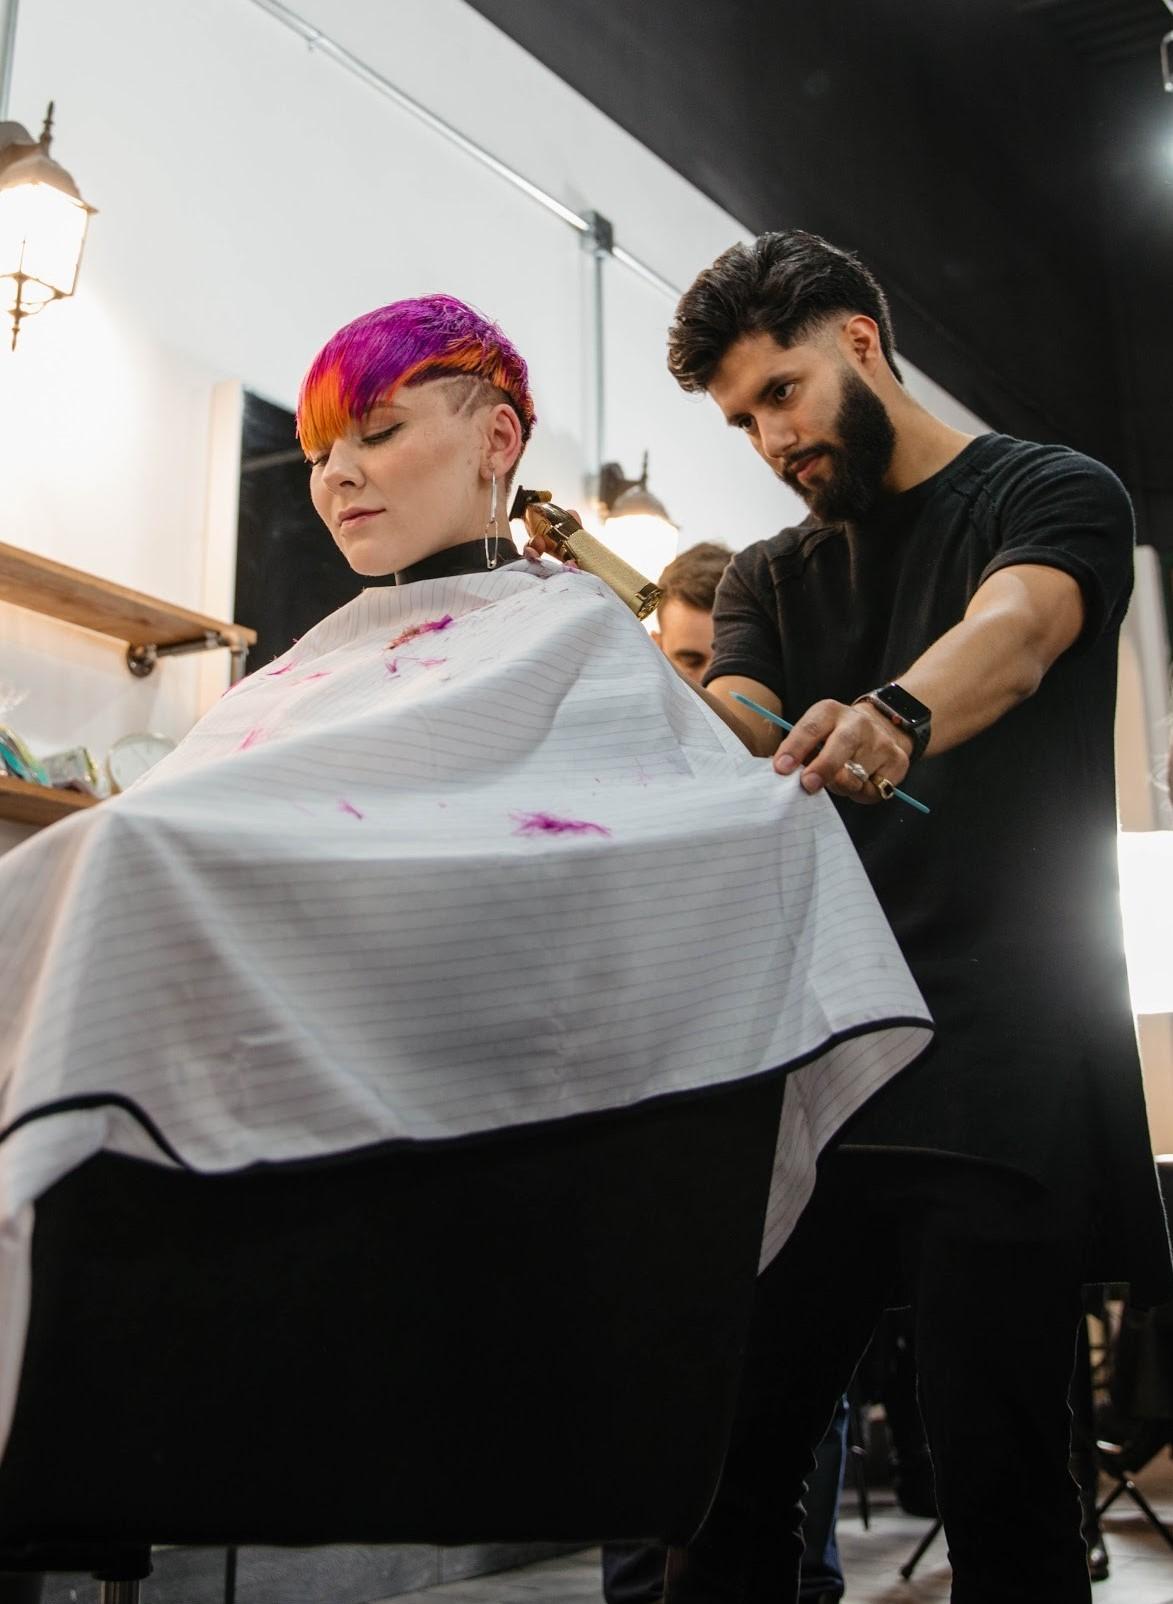 Meet Peter Puertas: Winner of Wahl's 4th Annual Online Barber Battle